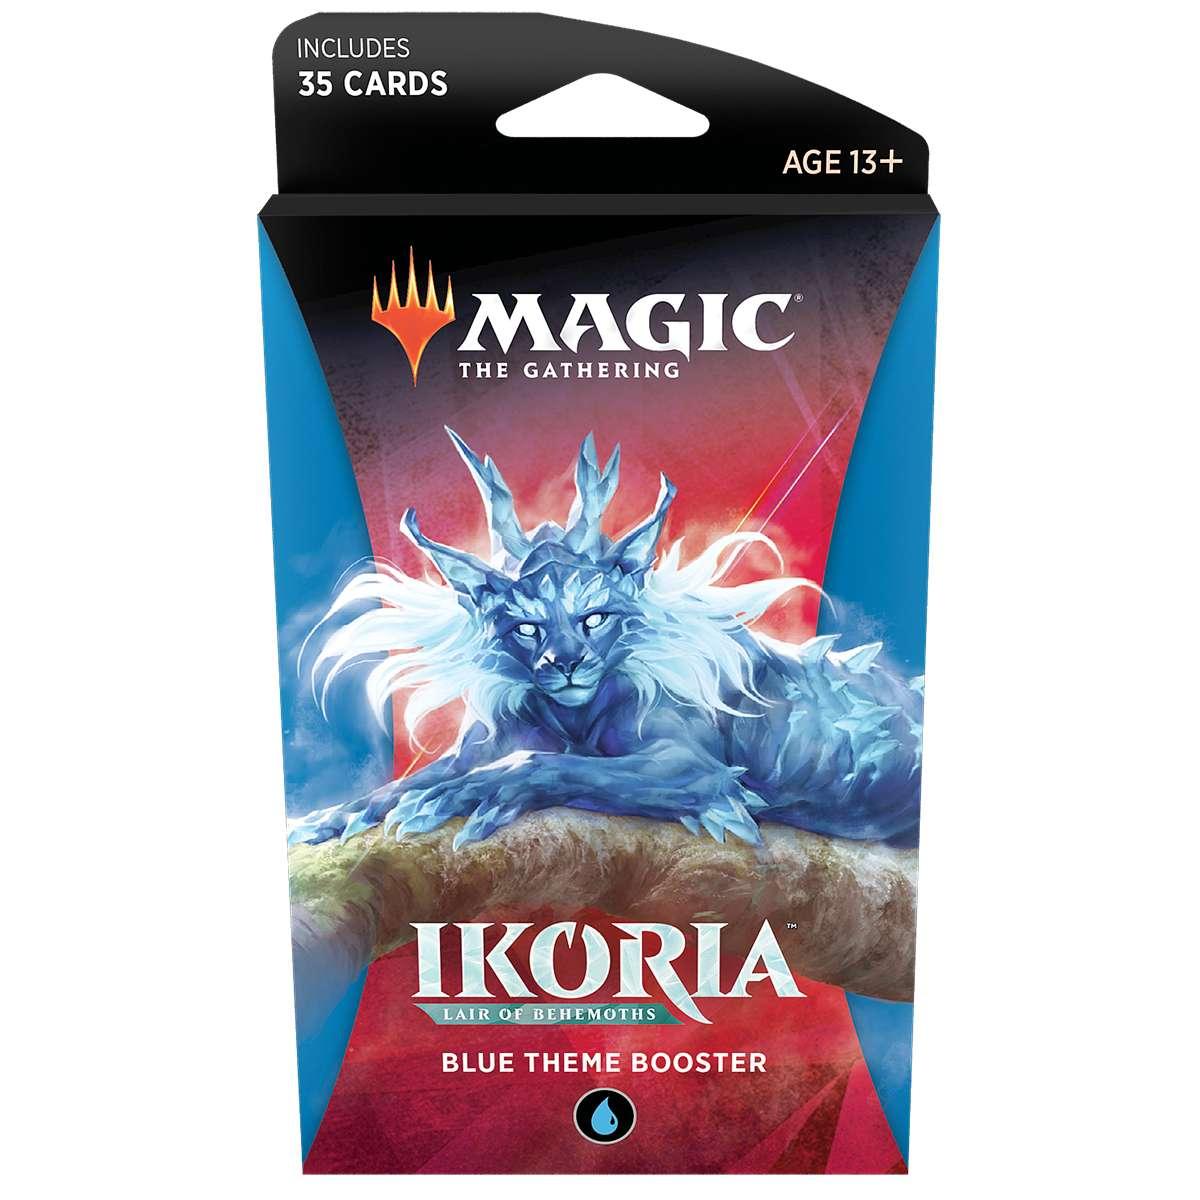 Magic Theme Booster Ikoria Terra de Colossos Temático